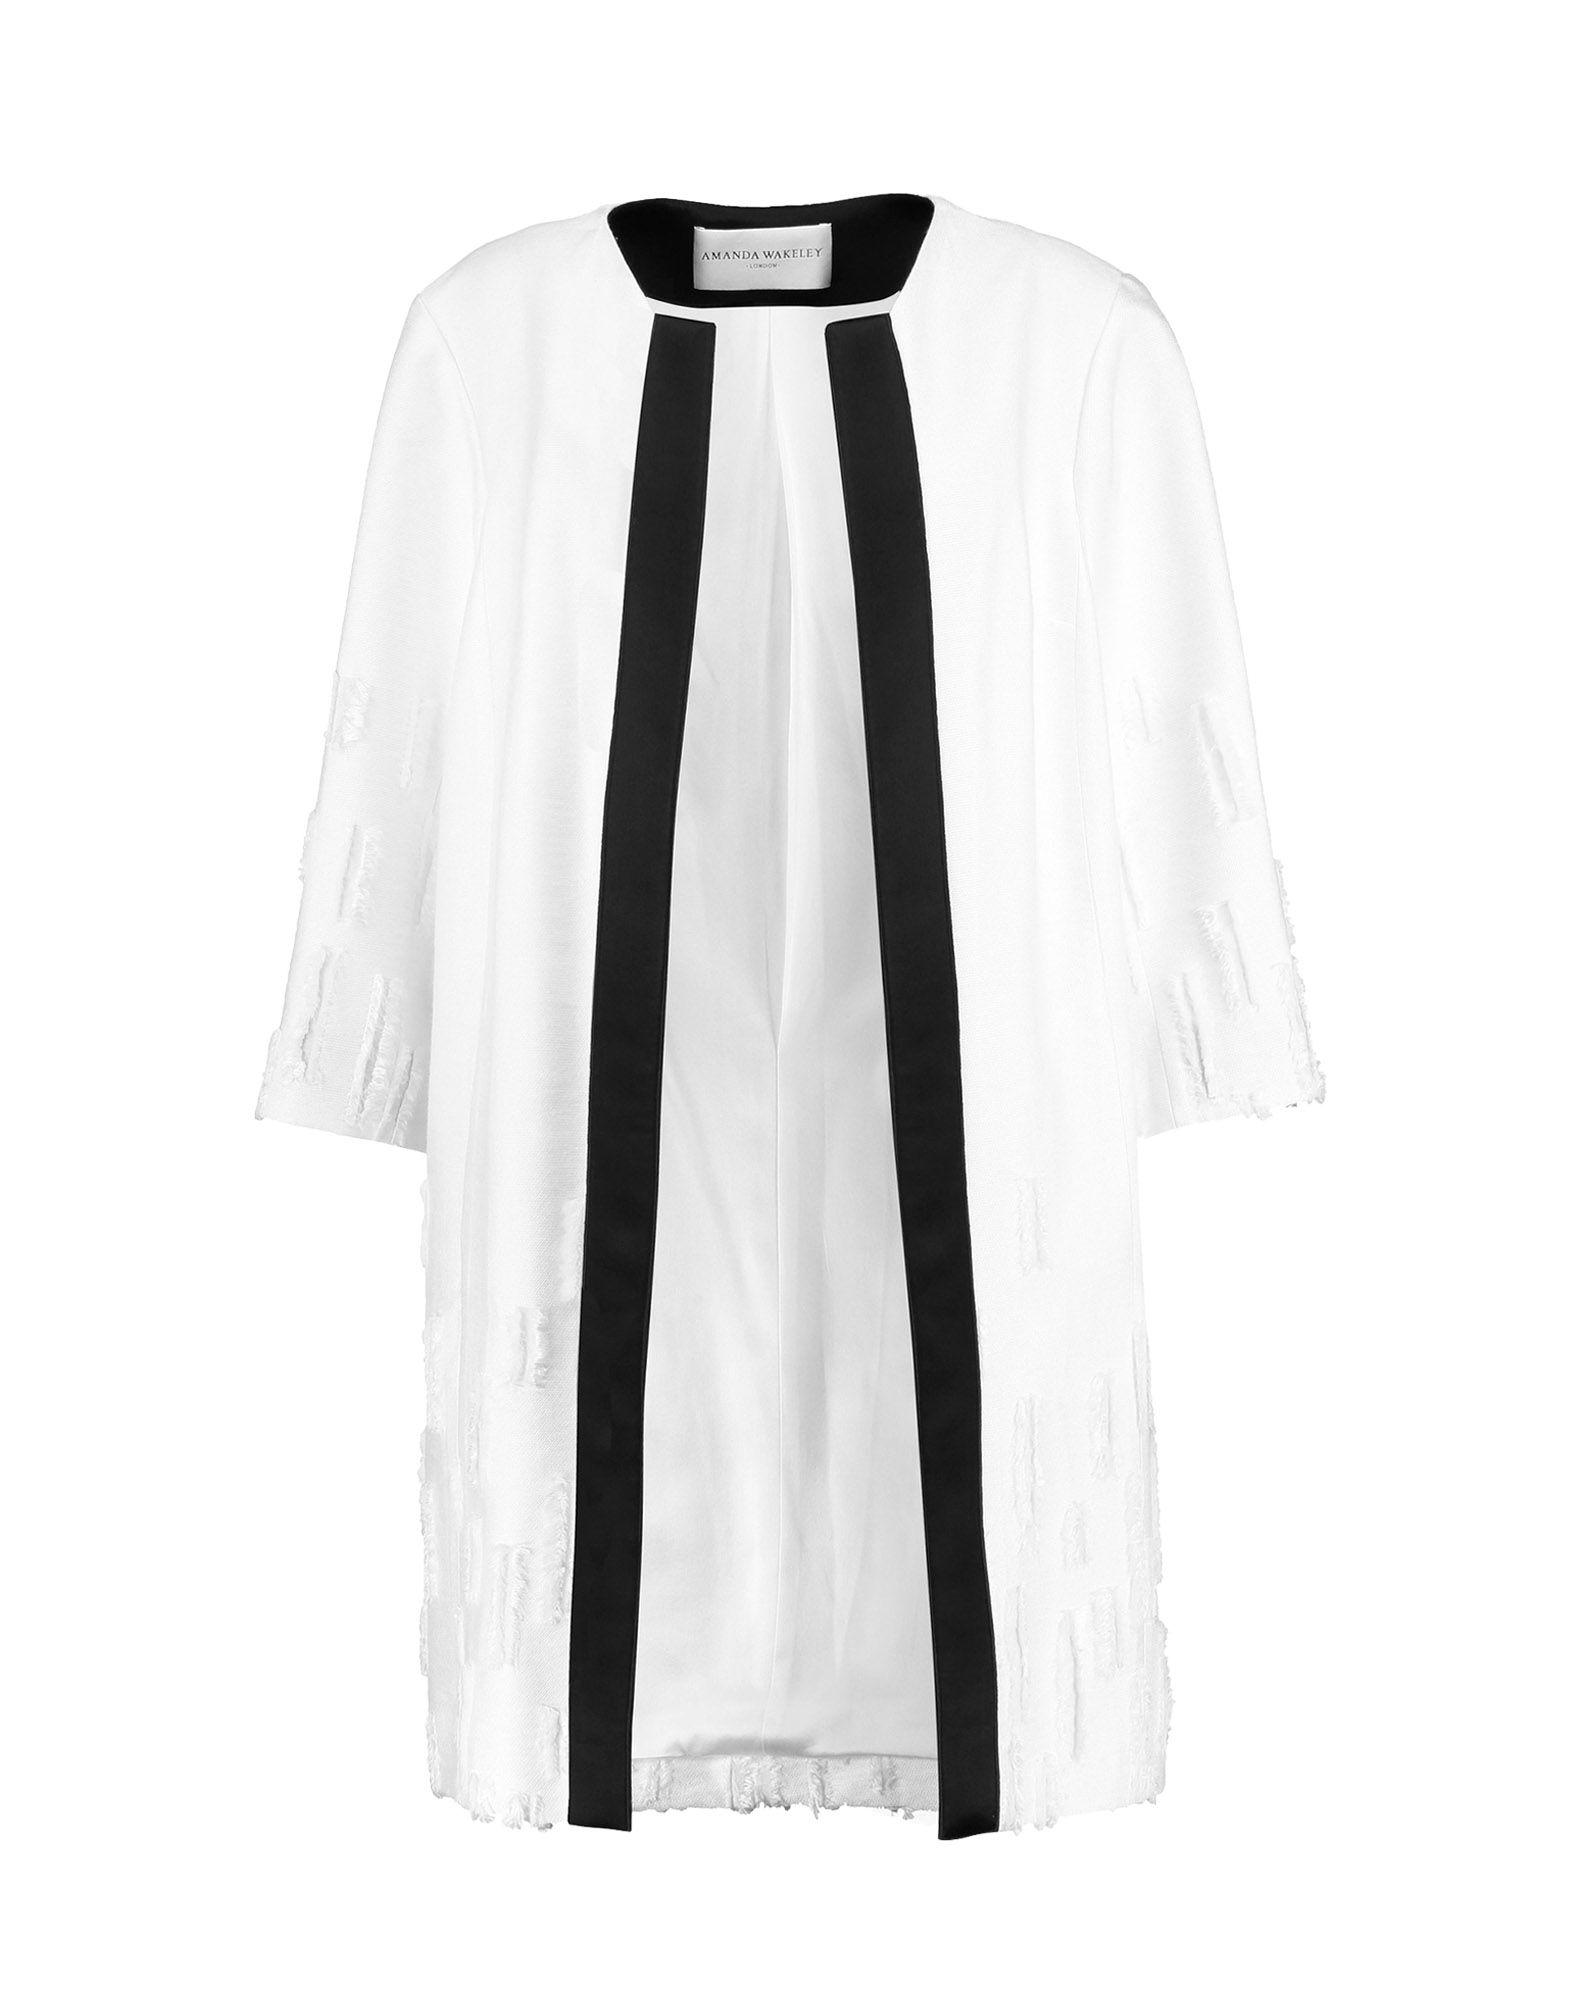 AMANDA WAKELEY Full-Length Jacket in White